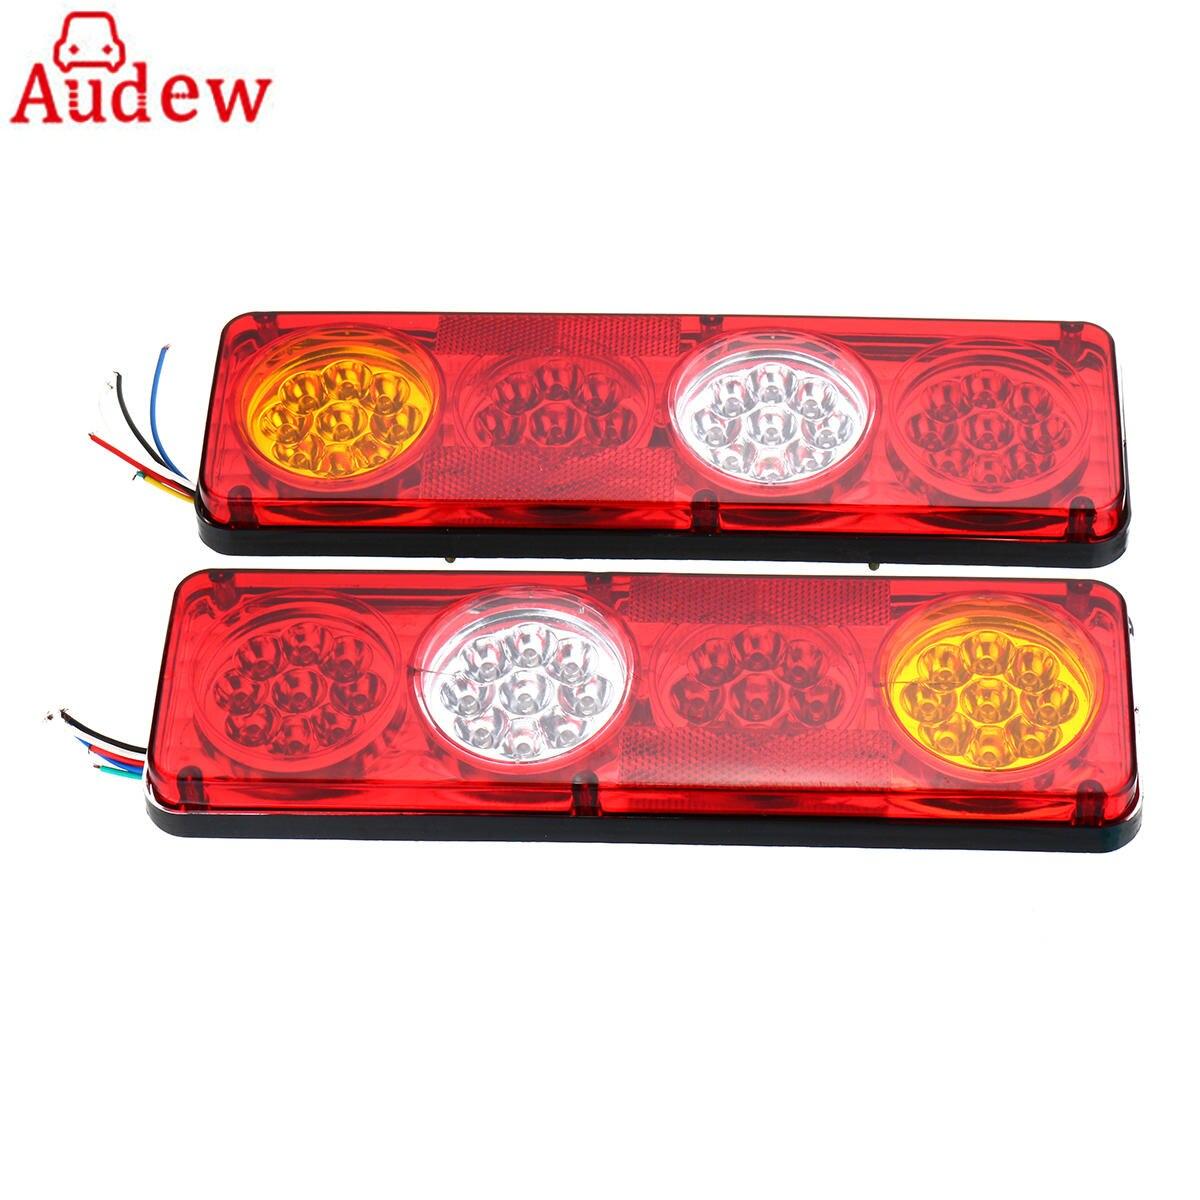 2 pcs LED Étanche Arrière de Voiture Feux Arrière Lampe De Frein Lumière D'arrêt pour Remorque Caravane Camion Camion 36LED 24 V 3 Couleurs